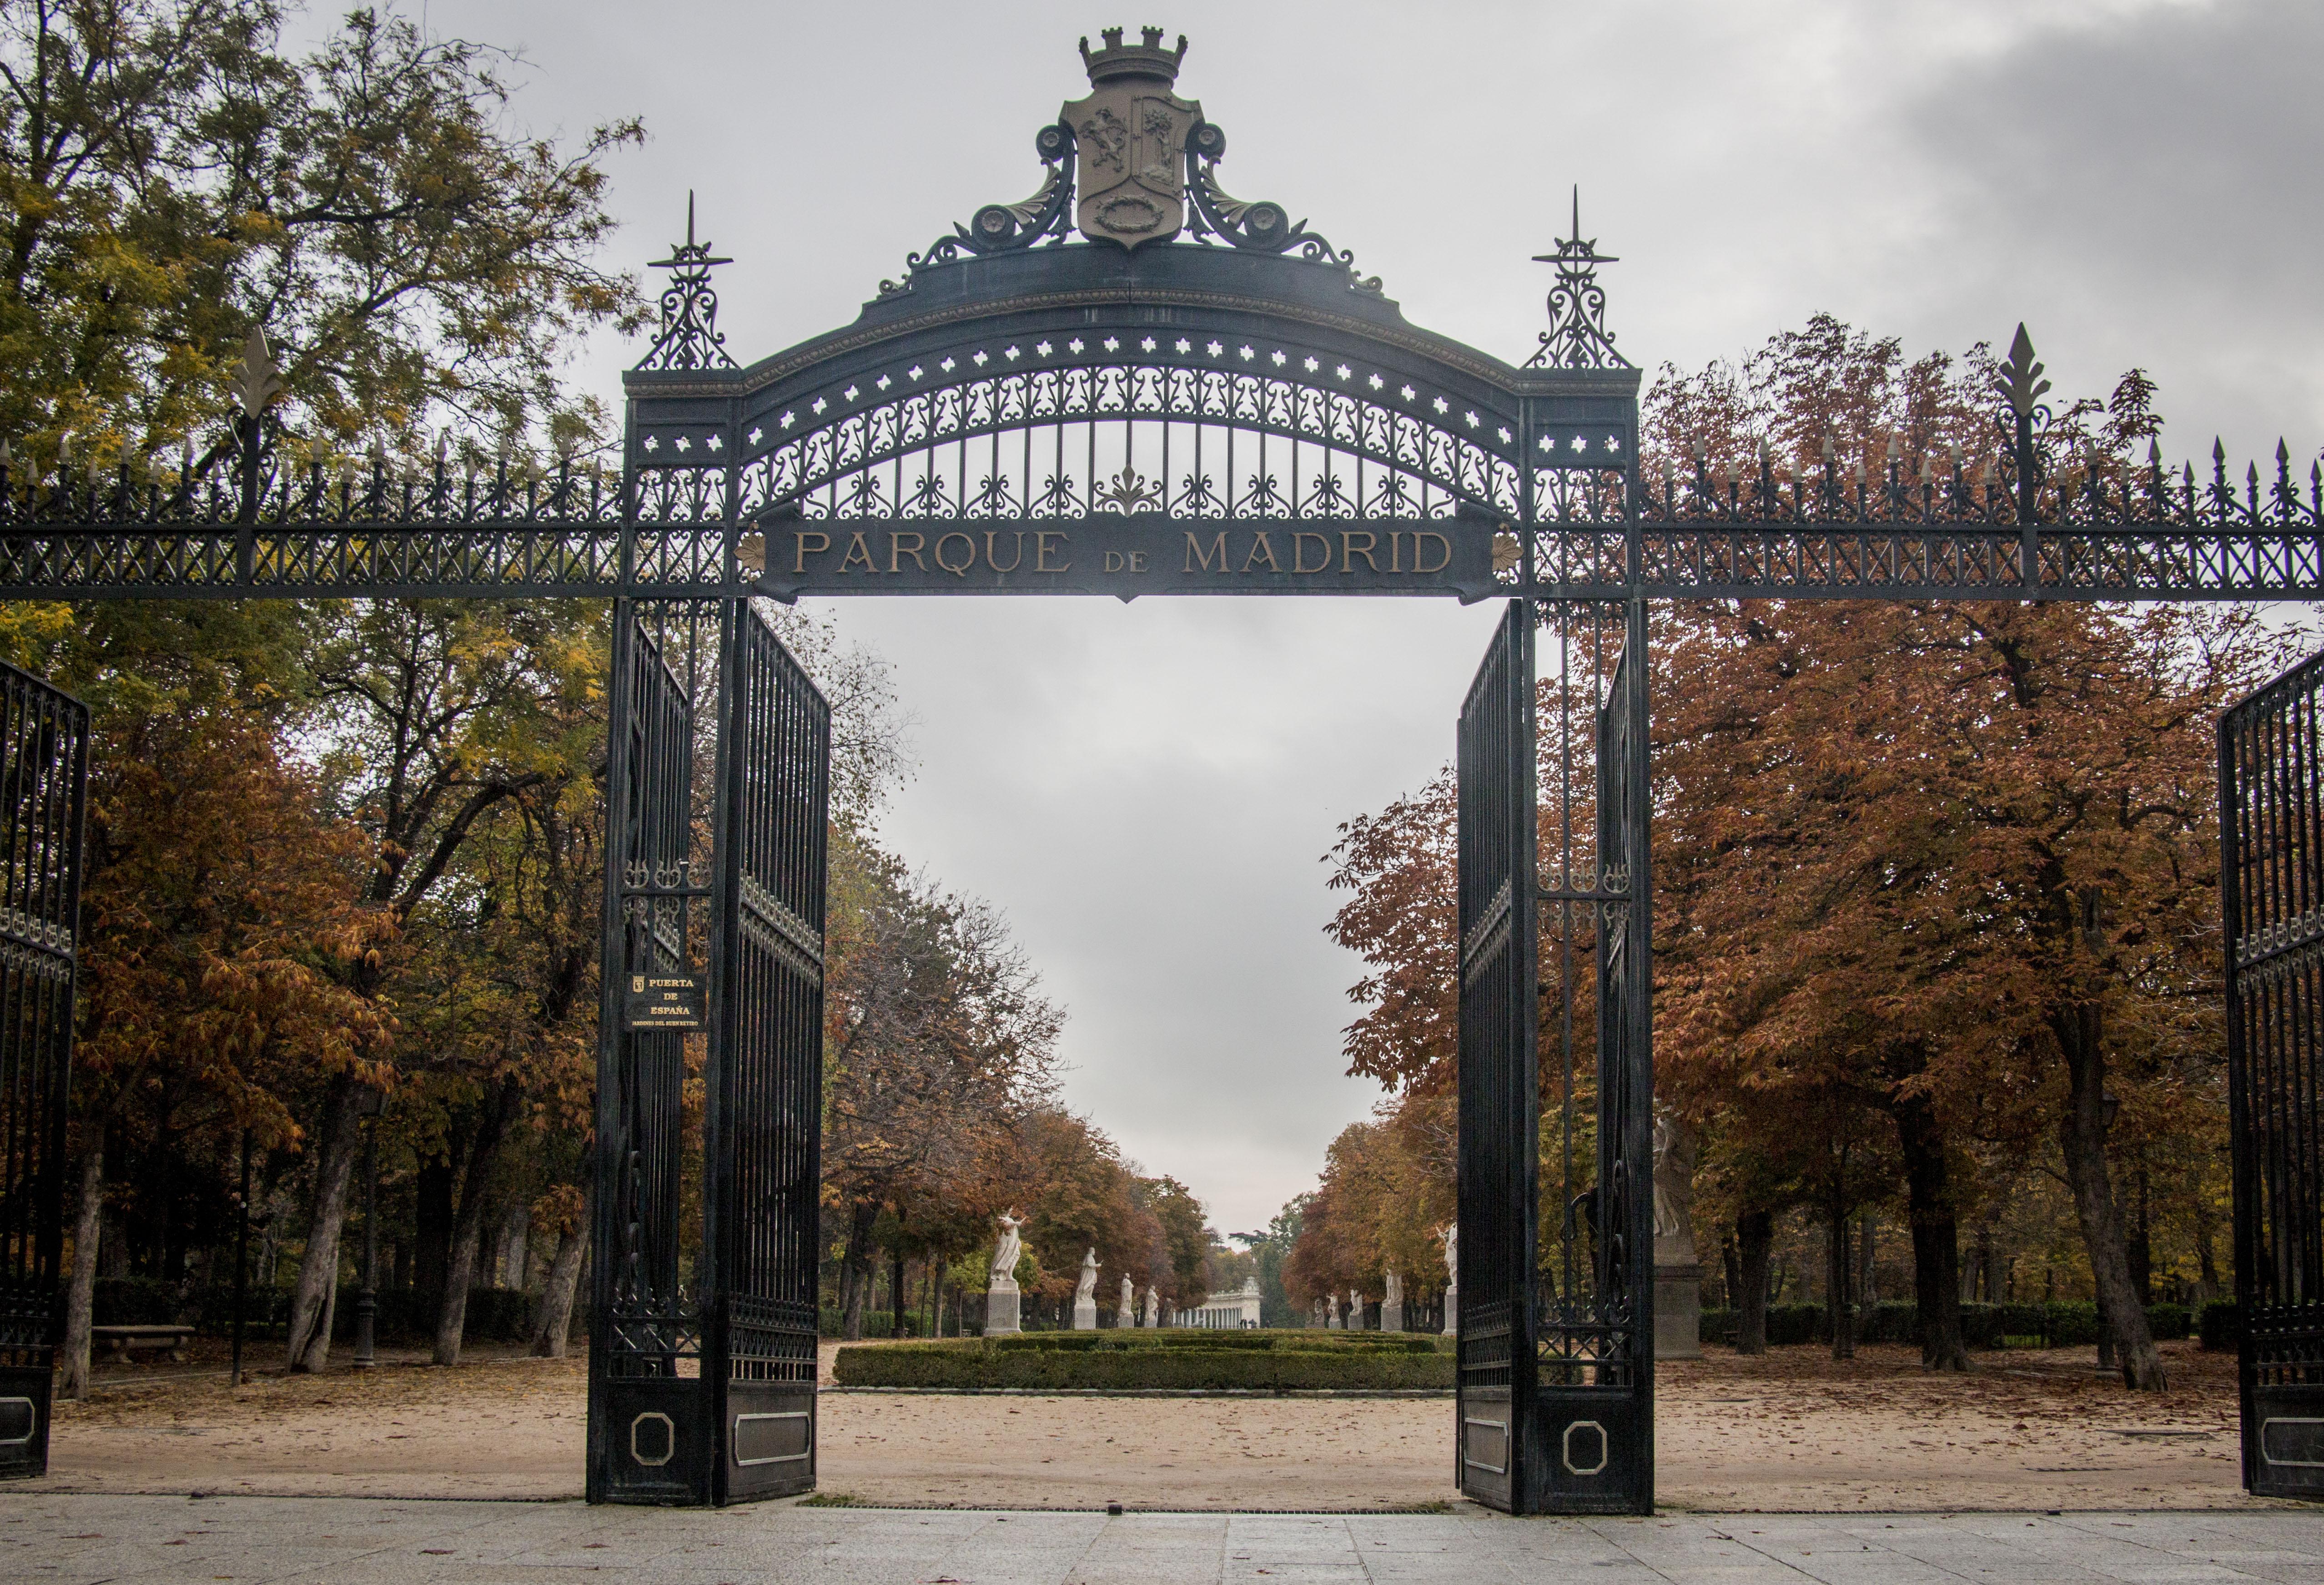 Madrid 2019: Best of Madrid, Spain Tourism - TripAdvisor